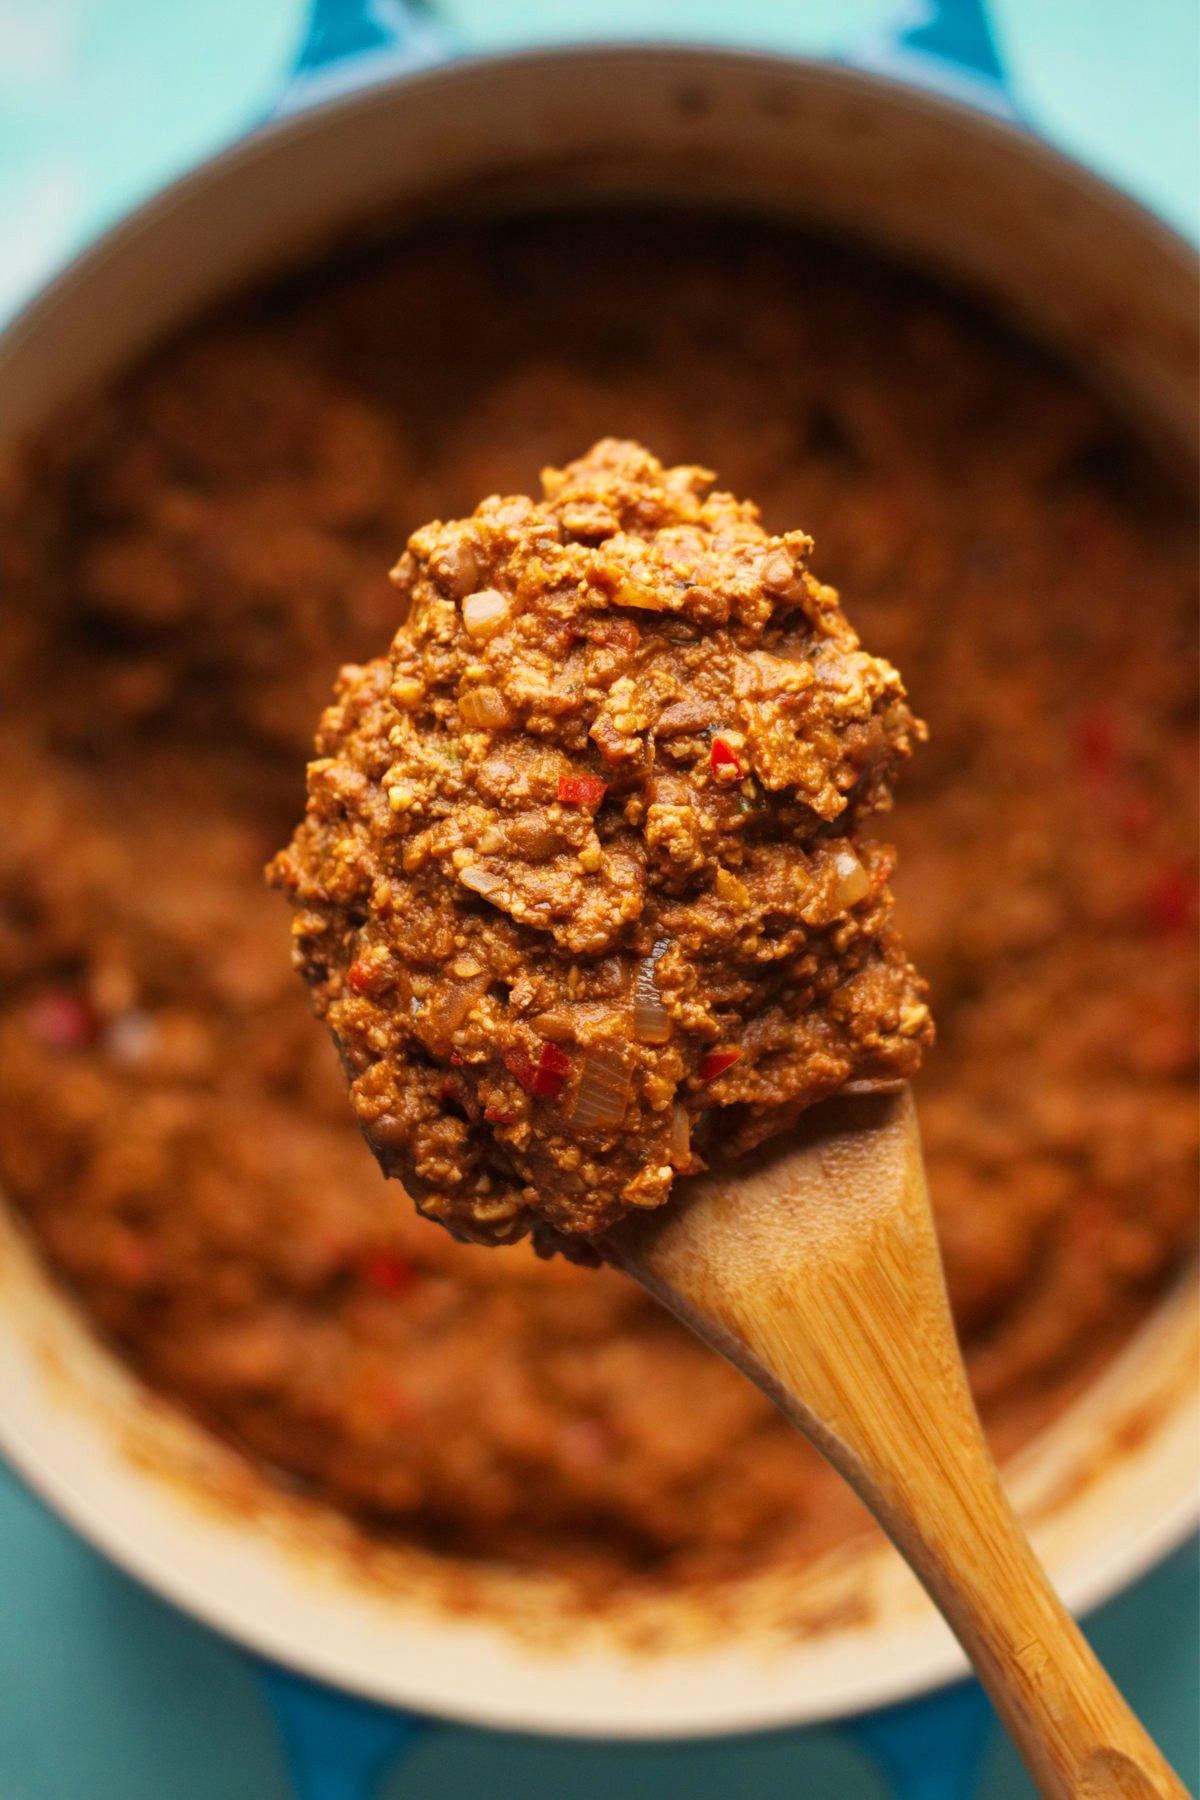 Vegan sloppy joe mince in a pot with a wooden spoon.